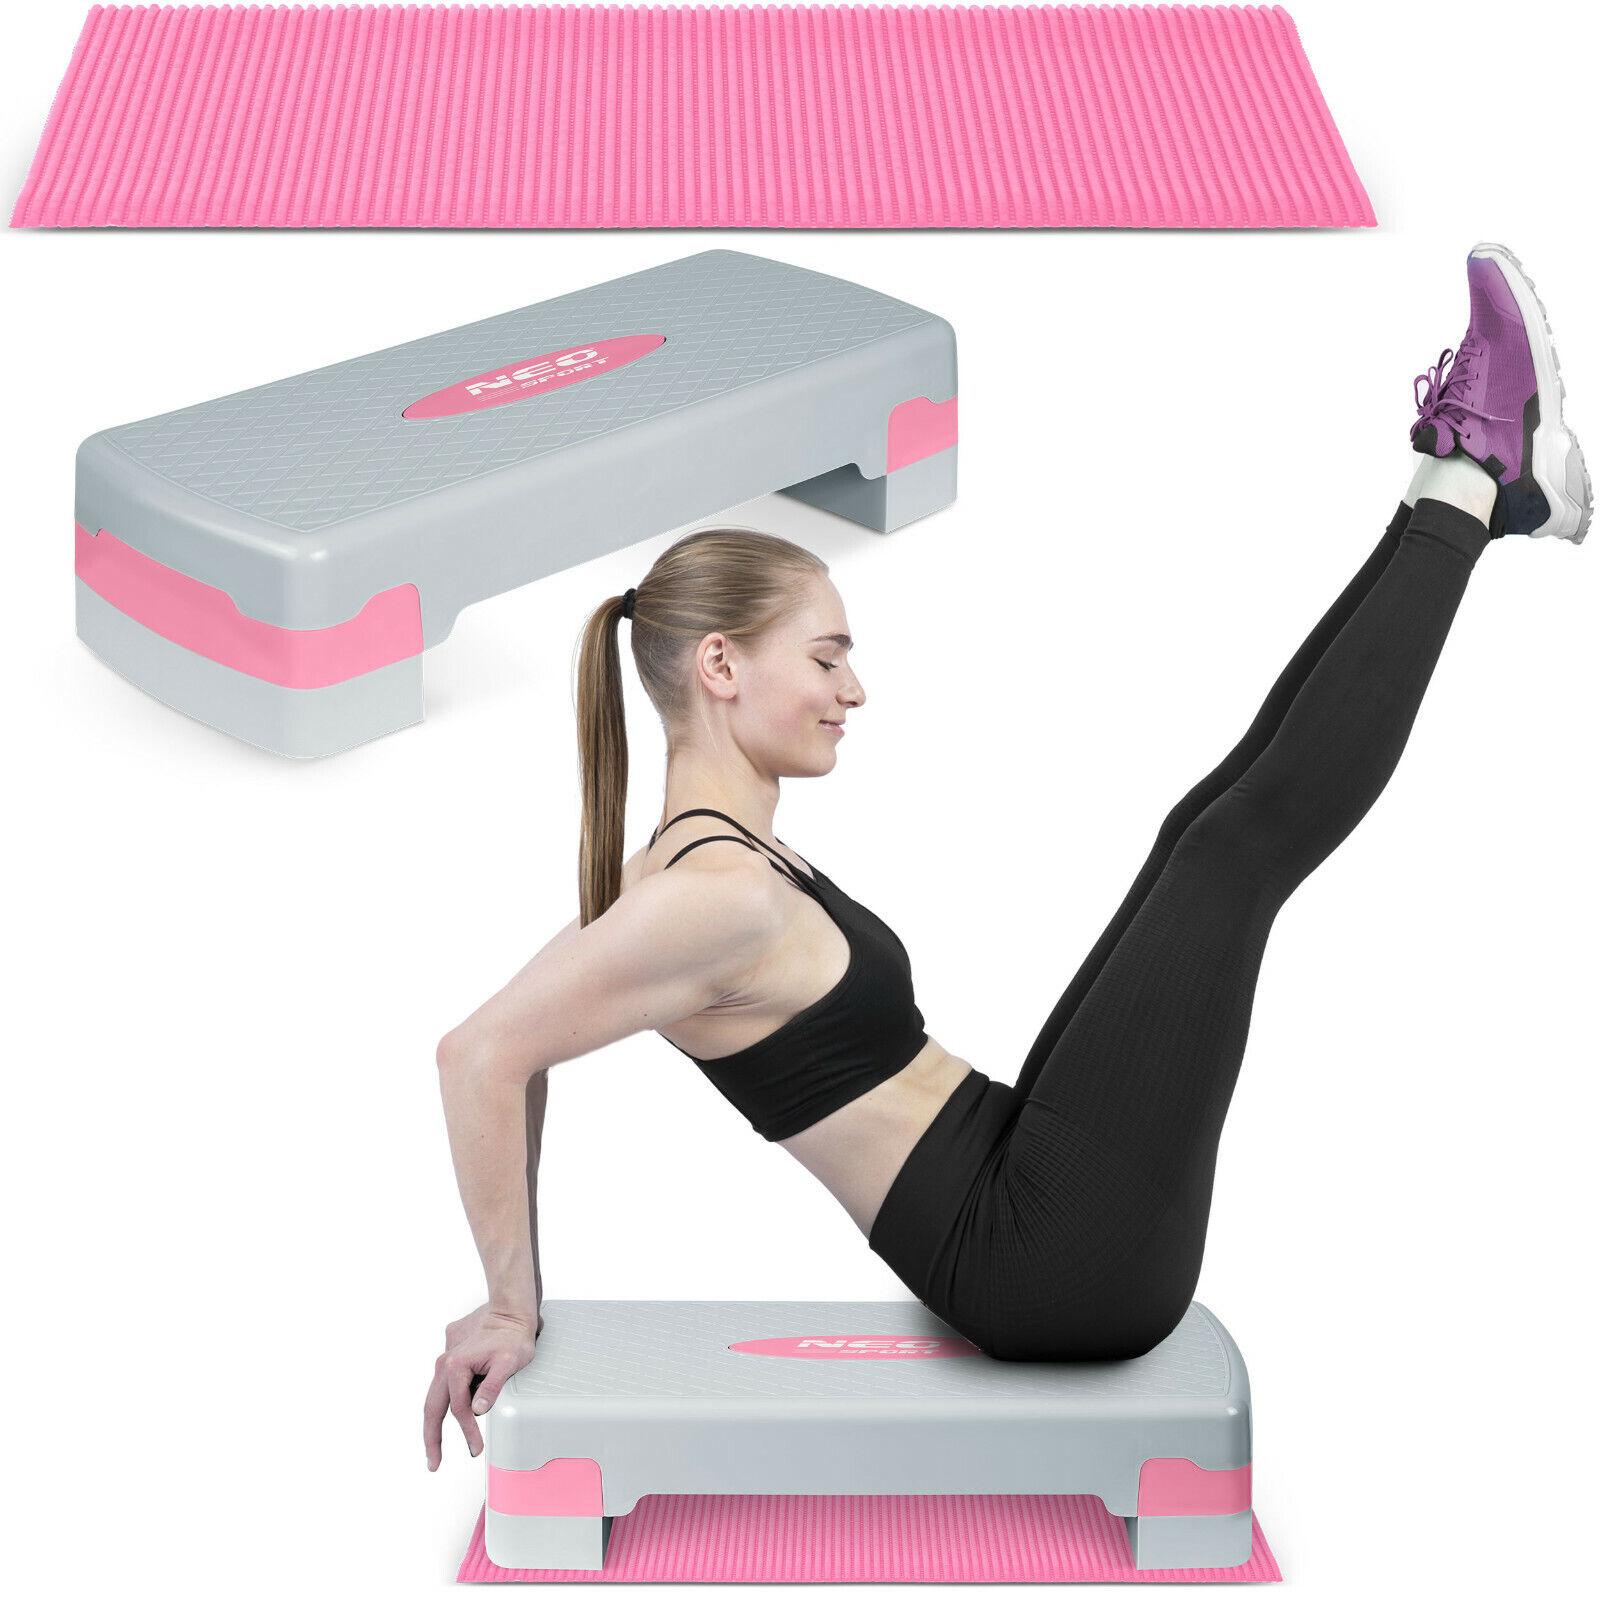 Aerobic Steppbrett Fitness KOSTENLOS Antirutsch-Matte 2-Höhen Neo-Sport